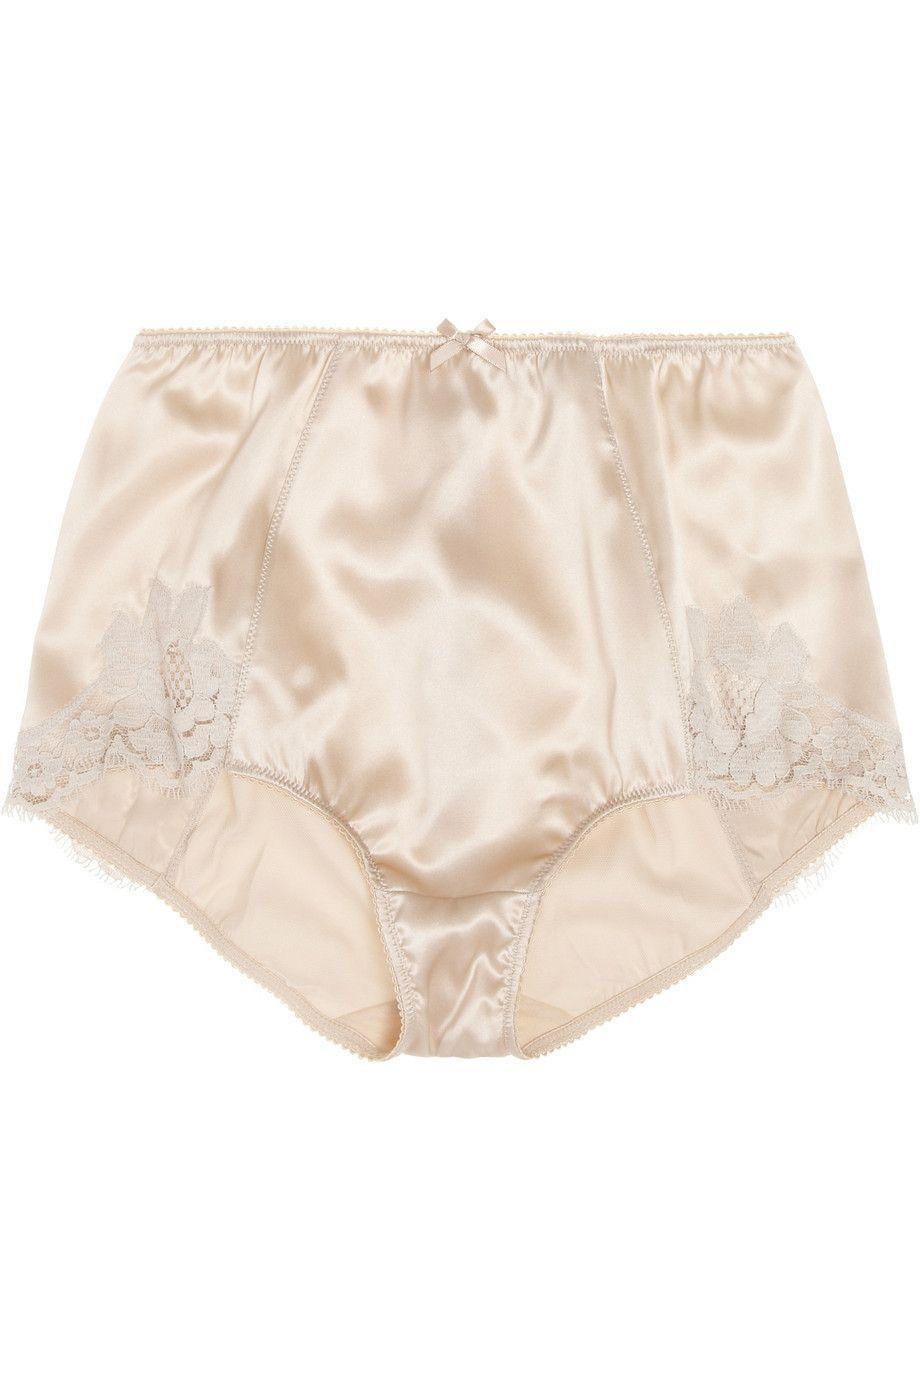 418f5e32bc3f Dolce & Gabbana High-rise lace-trimmed stretch-silk satin briefs ...